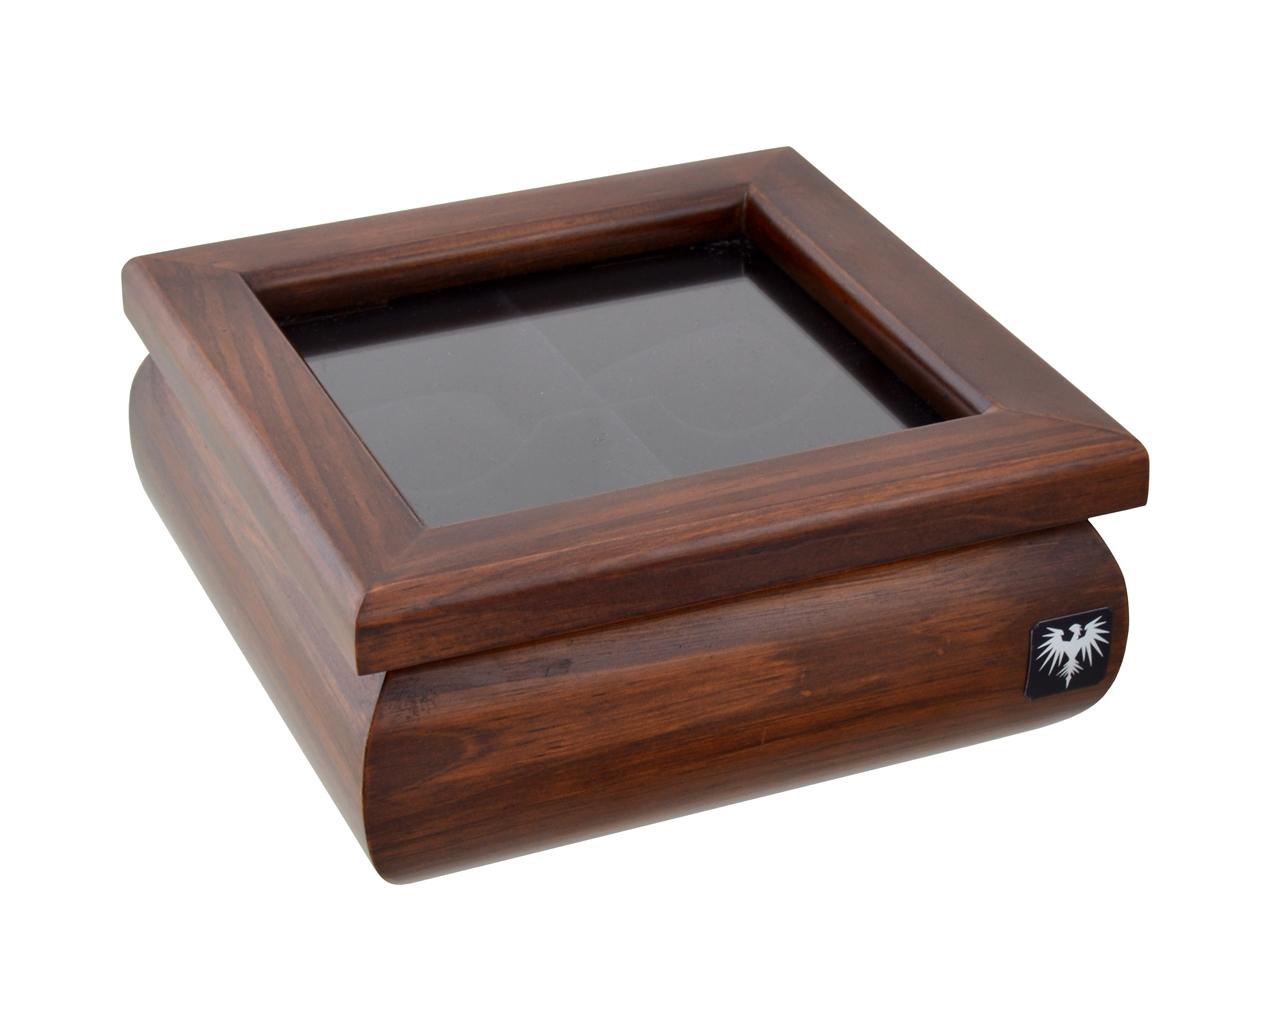 estojo-porta-relogio-4-nichos-madeira-macica-oval-tabaco-preto-2x2-imagem-6.JPG